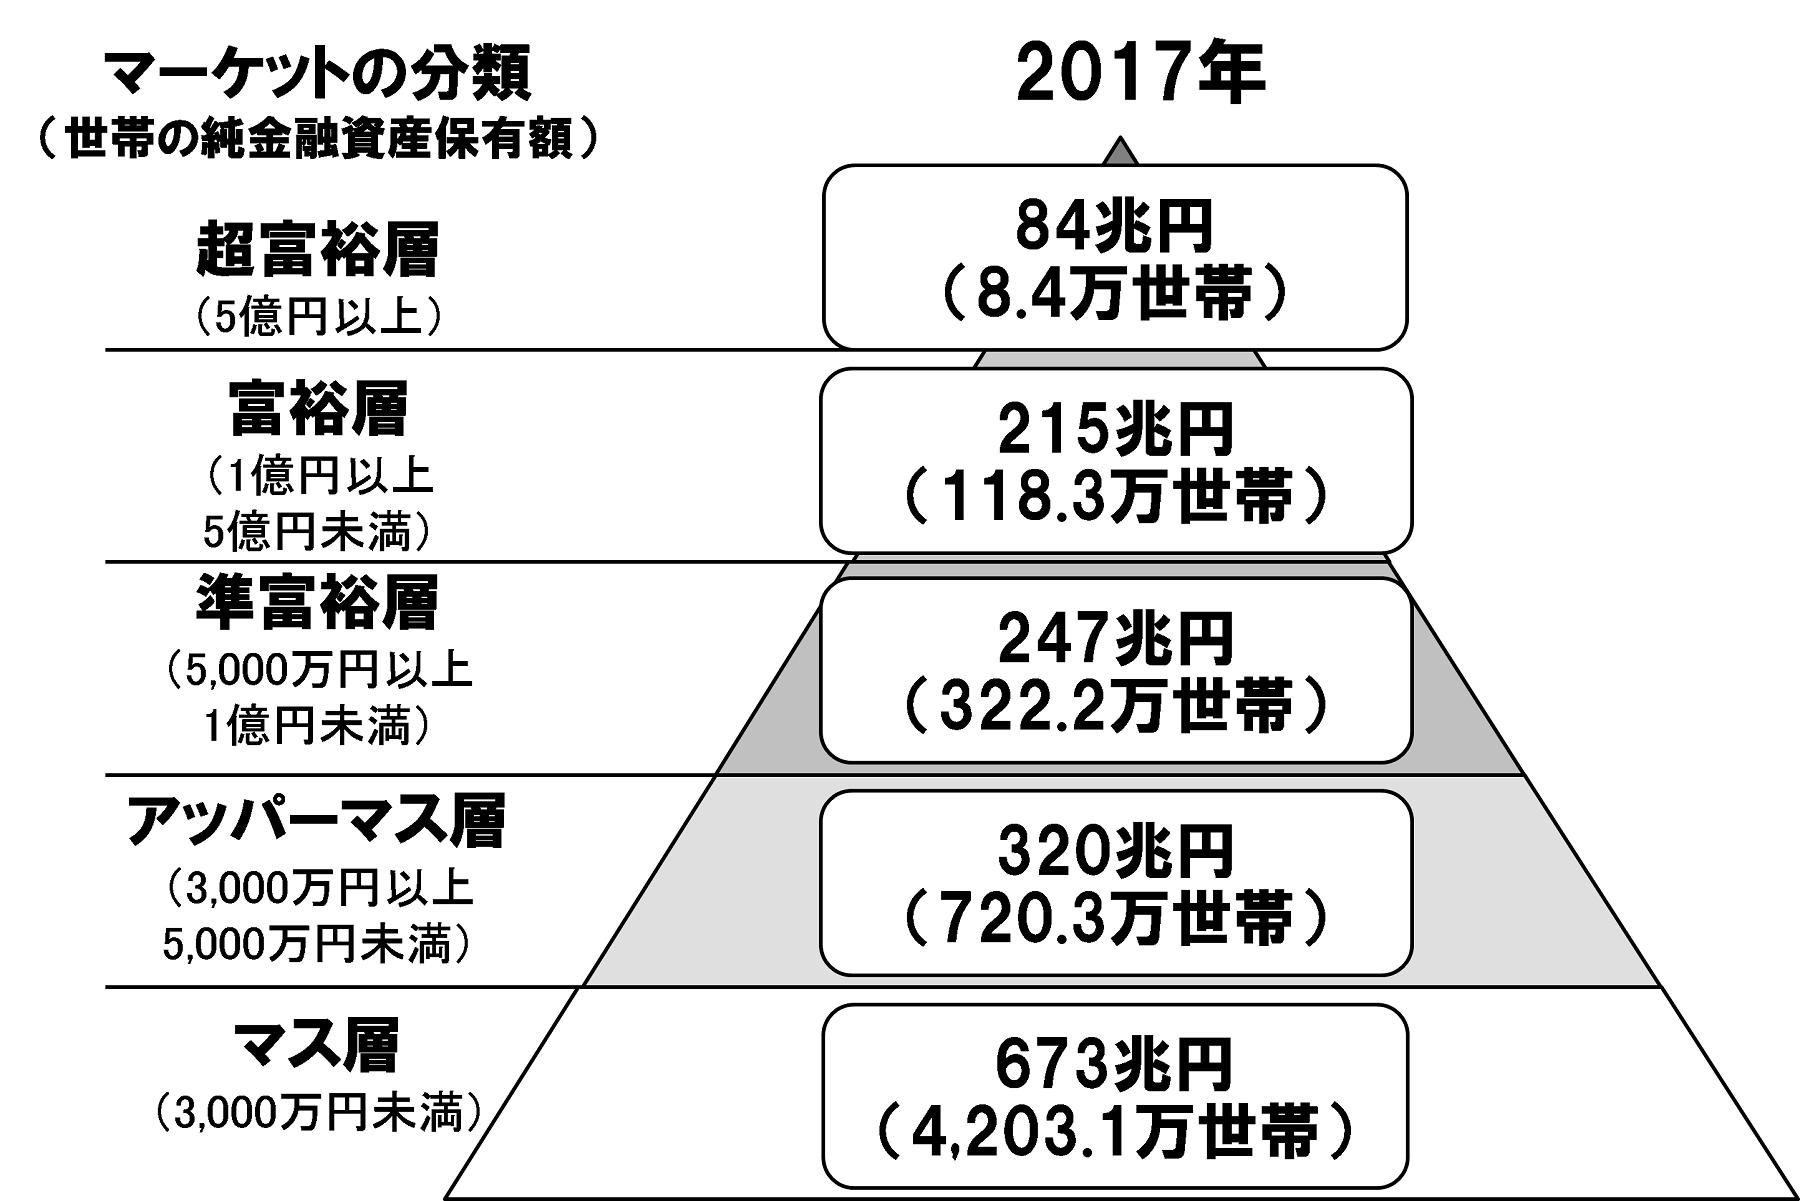 野村総合研究所、日本の富裕層は127万世帯、純金融資産総額は299兆円と推計~  いずれも前回推計(2015年)から増加、今後、富裕層の次世代である「親リッチ」獲得競争が活発化 ~   ニュースリリース   野村総合研究所(NRI)